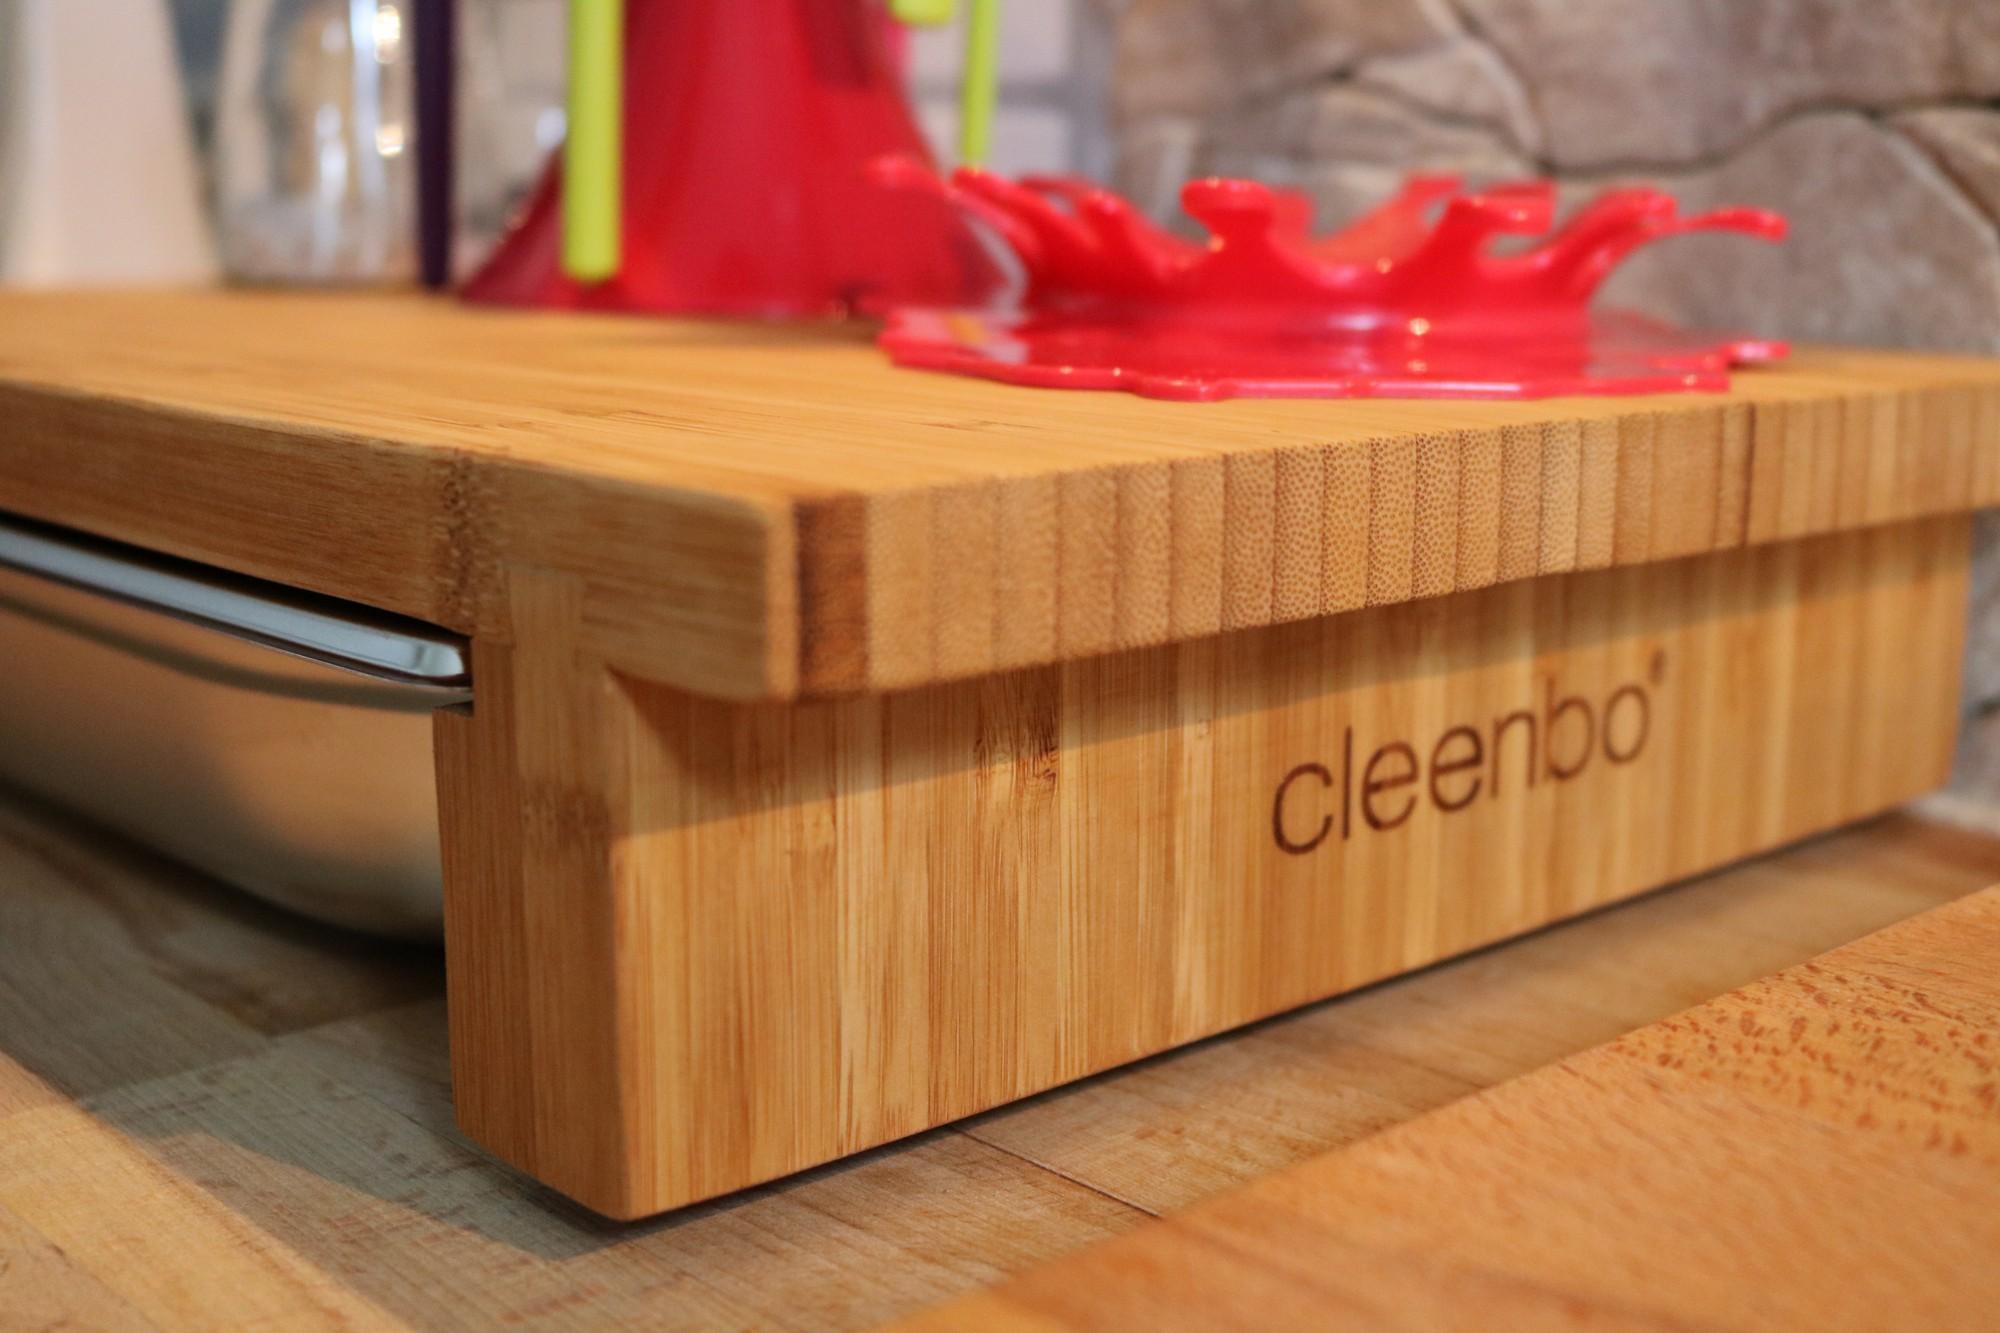 cleenbo sauber geschnibbelt! #kitchen #schneidebrett mit